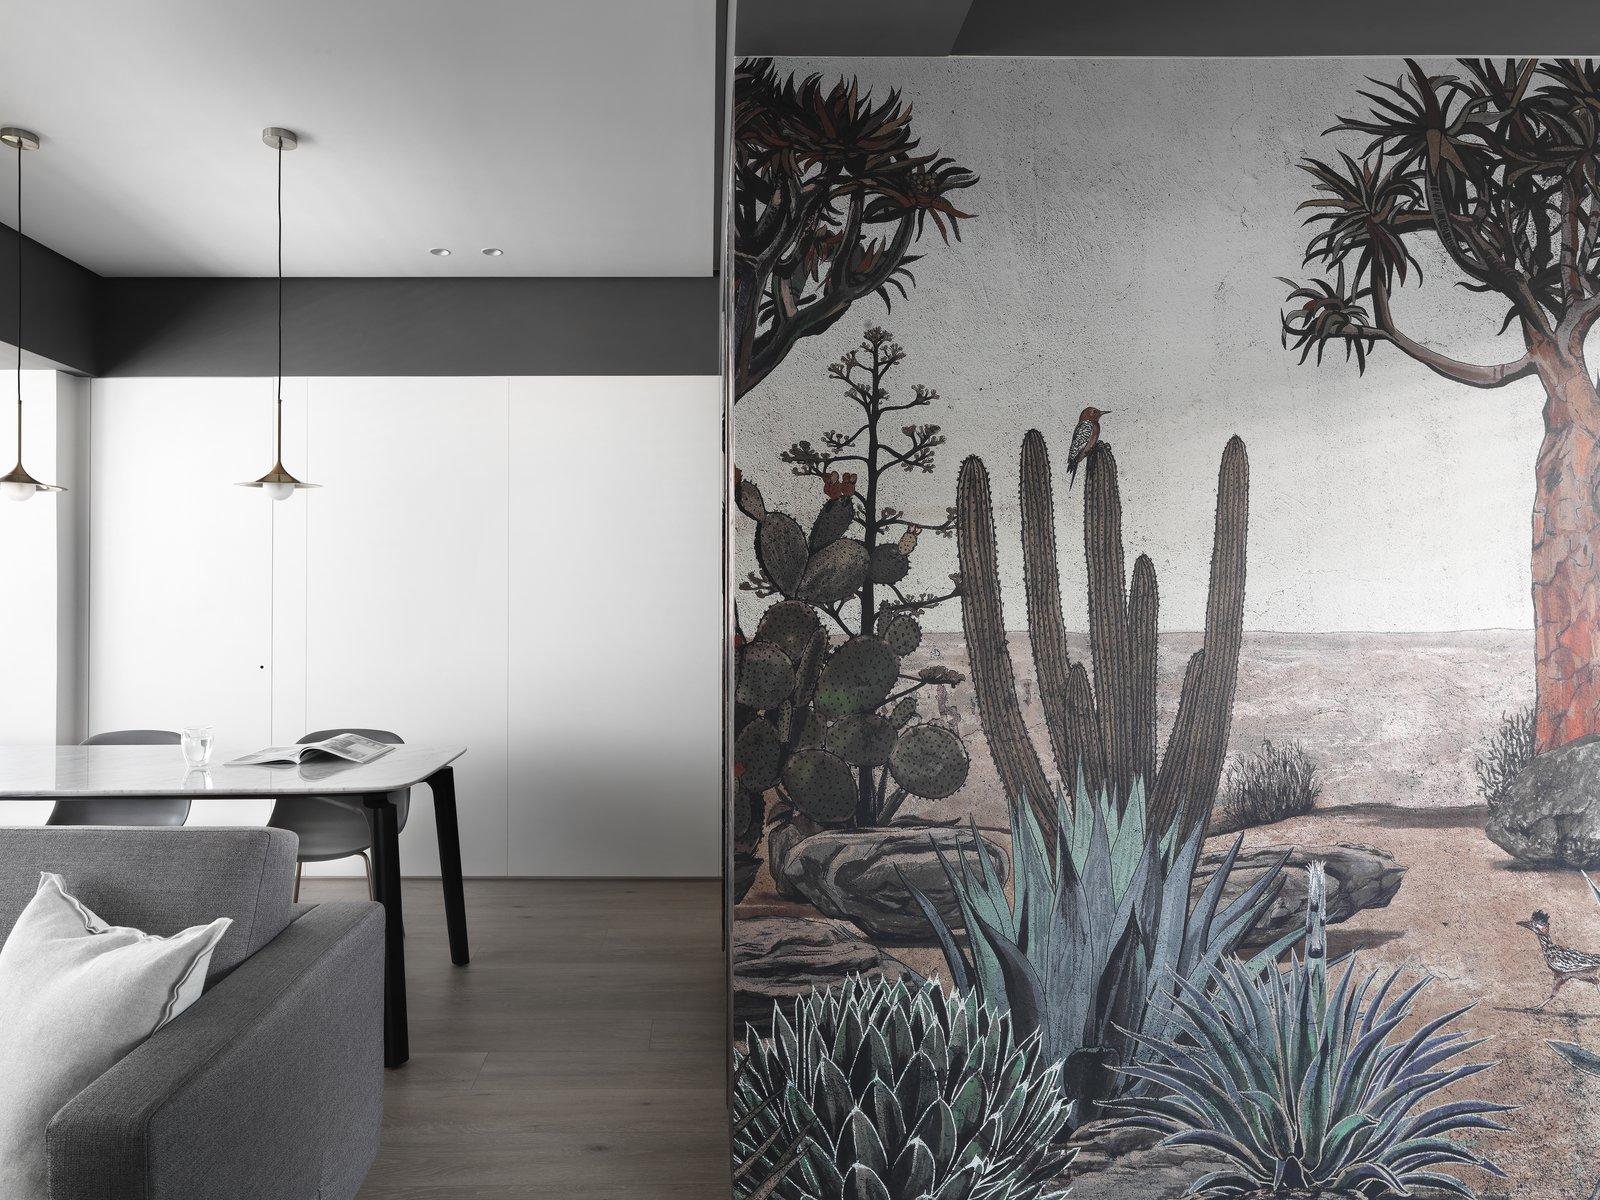 带起居室,椅子,硬木地板和天花板照明的现代住宅。 日常生活的隐形秩序照片